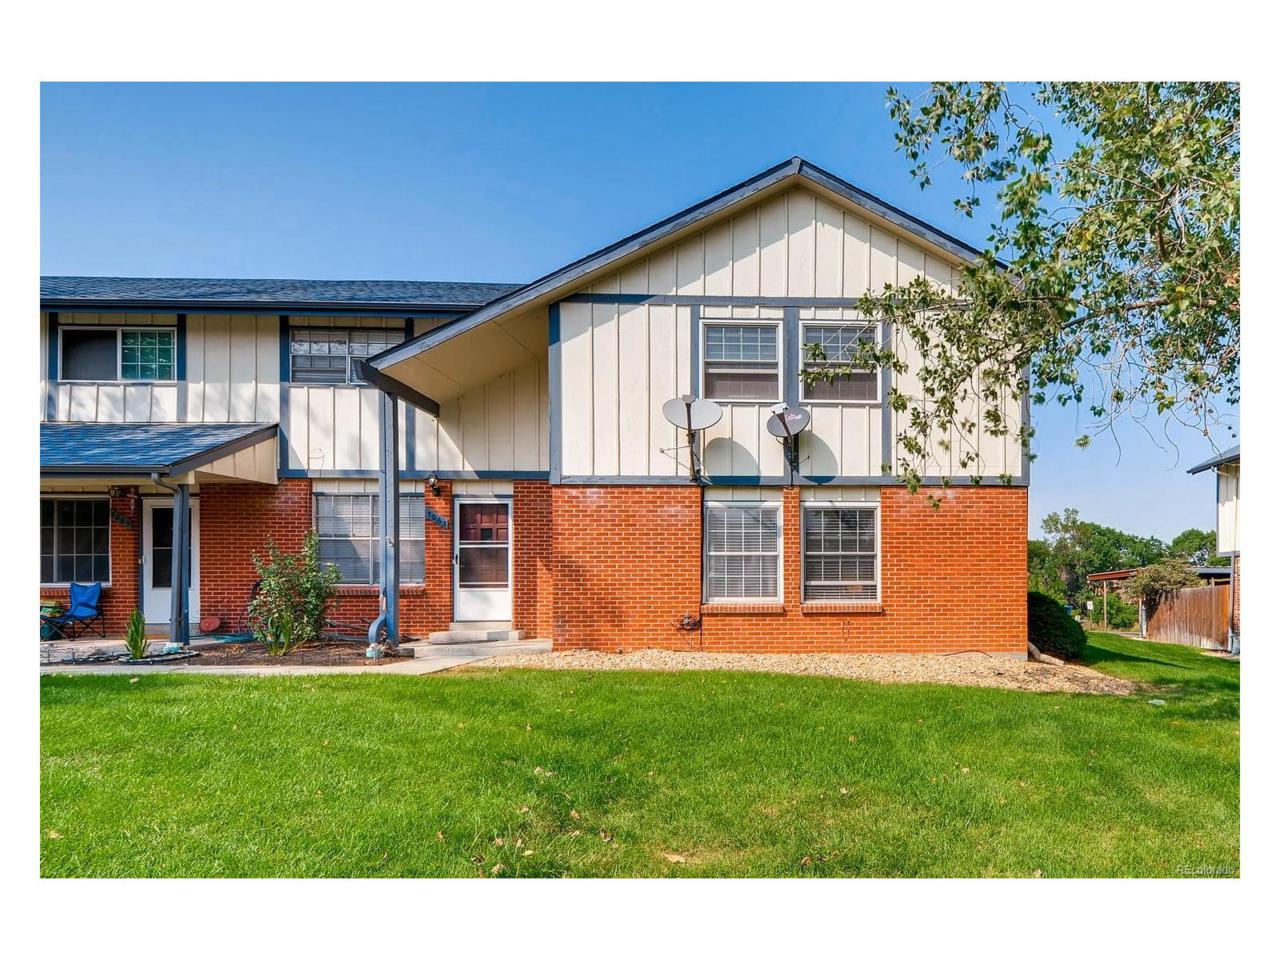 7061 S Webster Street, Littleton, CO 80128 (MLS #9974892) :: 8z Real Estate